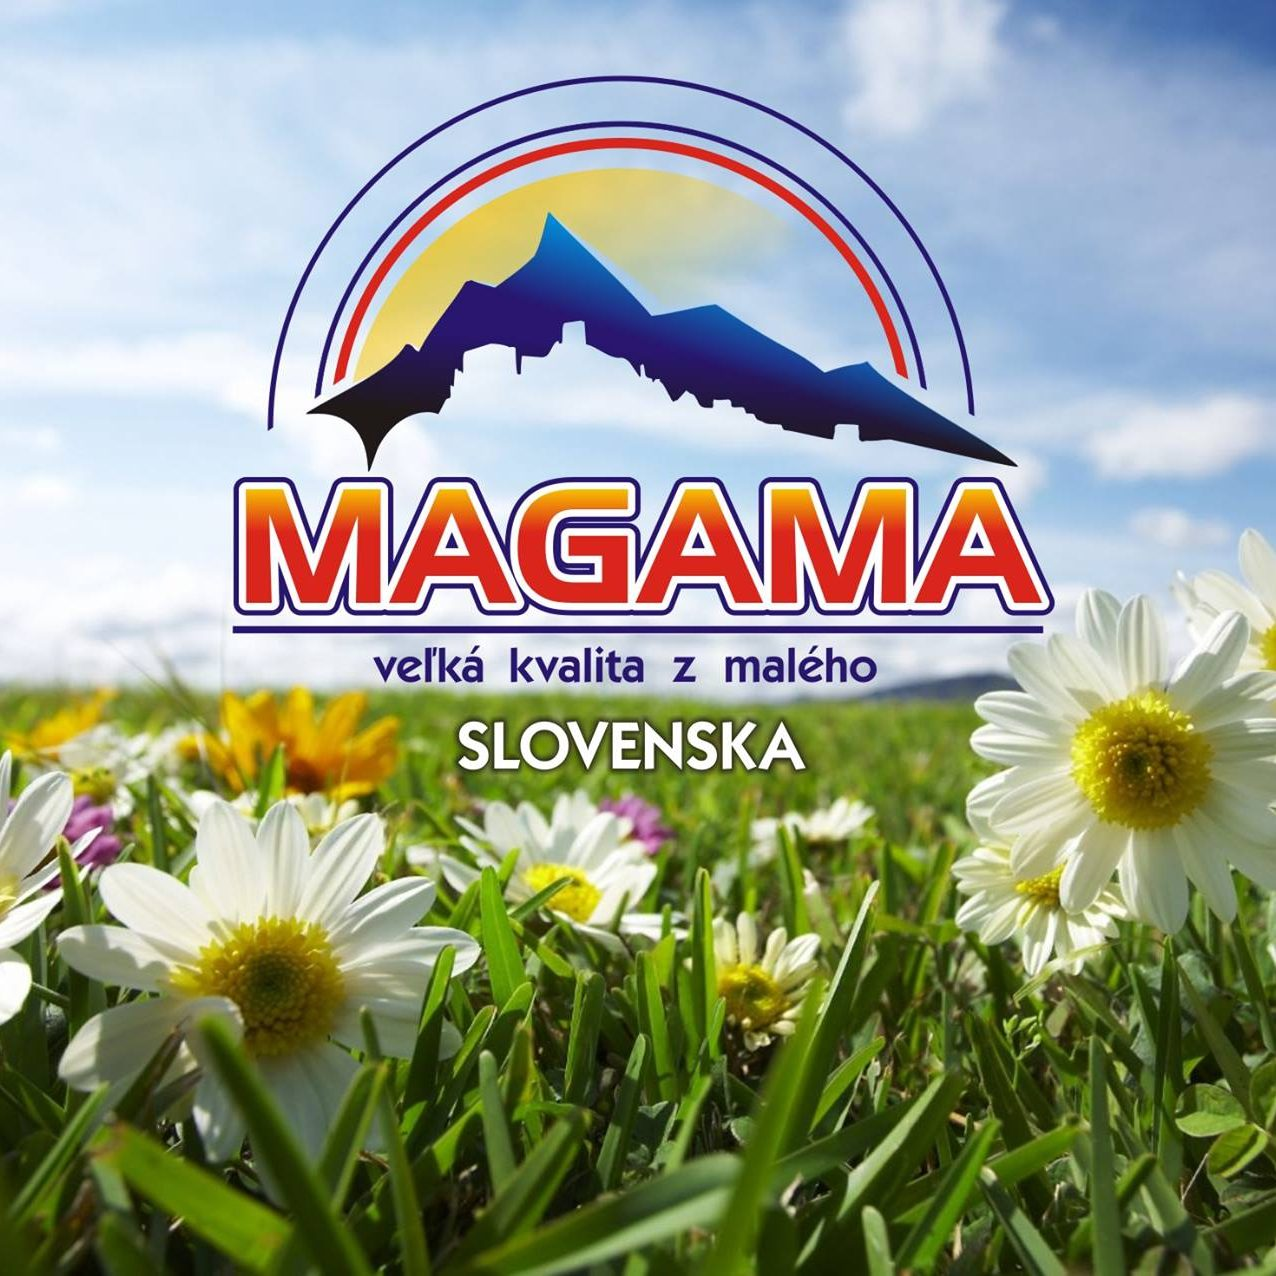 Magama